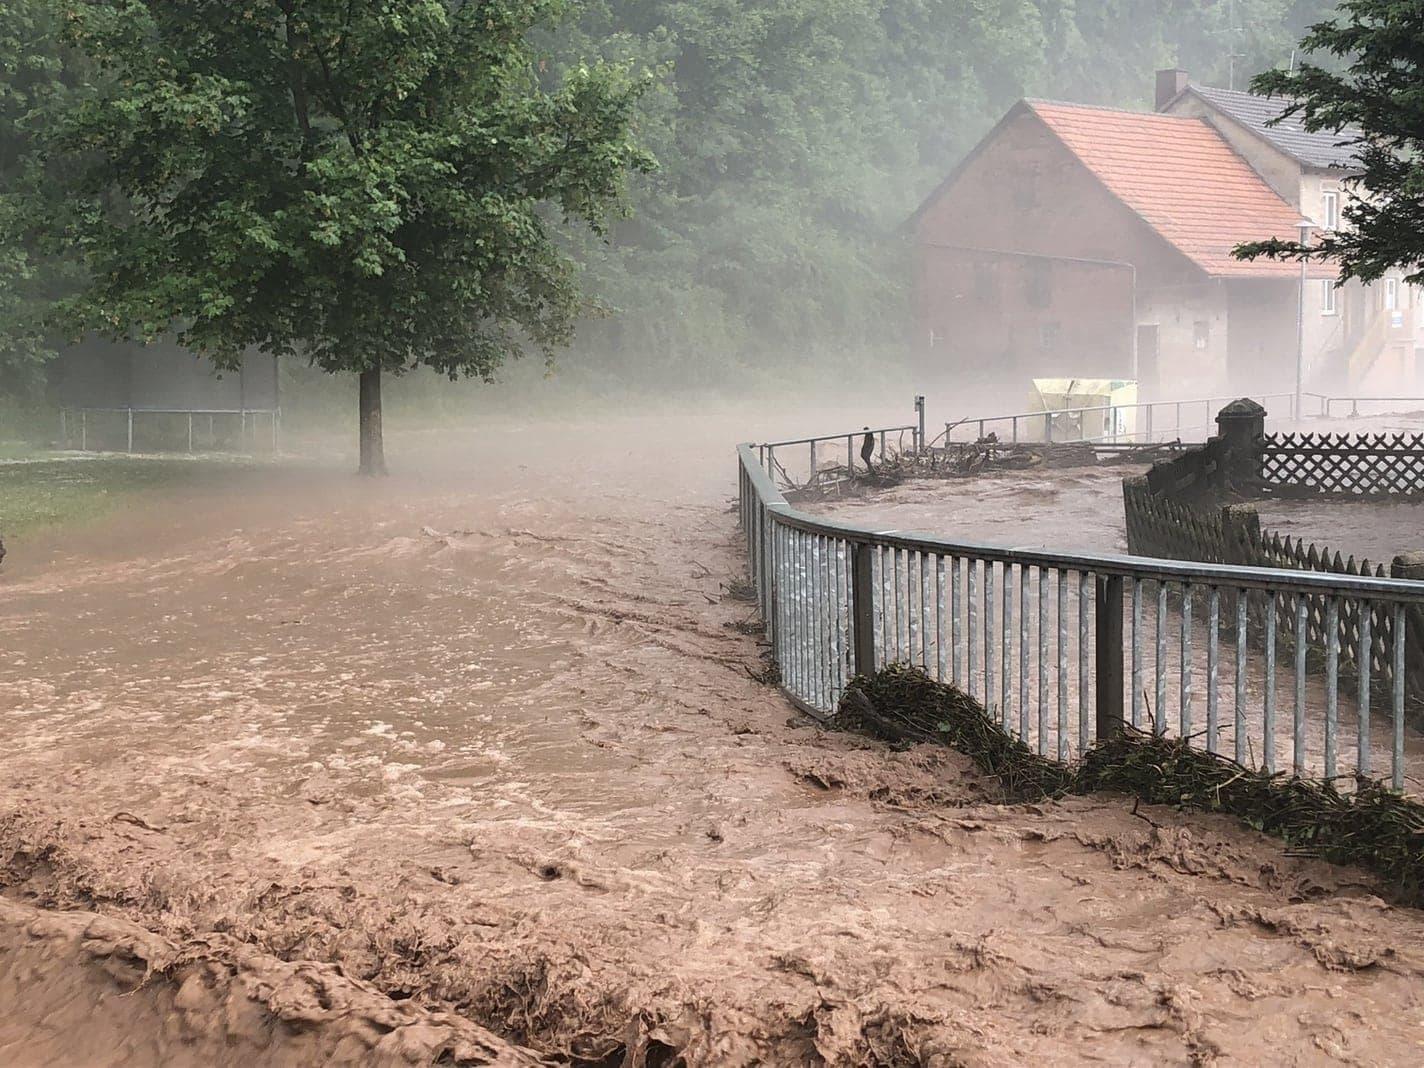 <p>Wieder einmal toben heftige Unwetter über einigen Teilen Deutschlands. Straßen und Keller laufen voll Wasser. </p> Foto: dpa